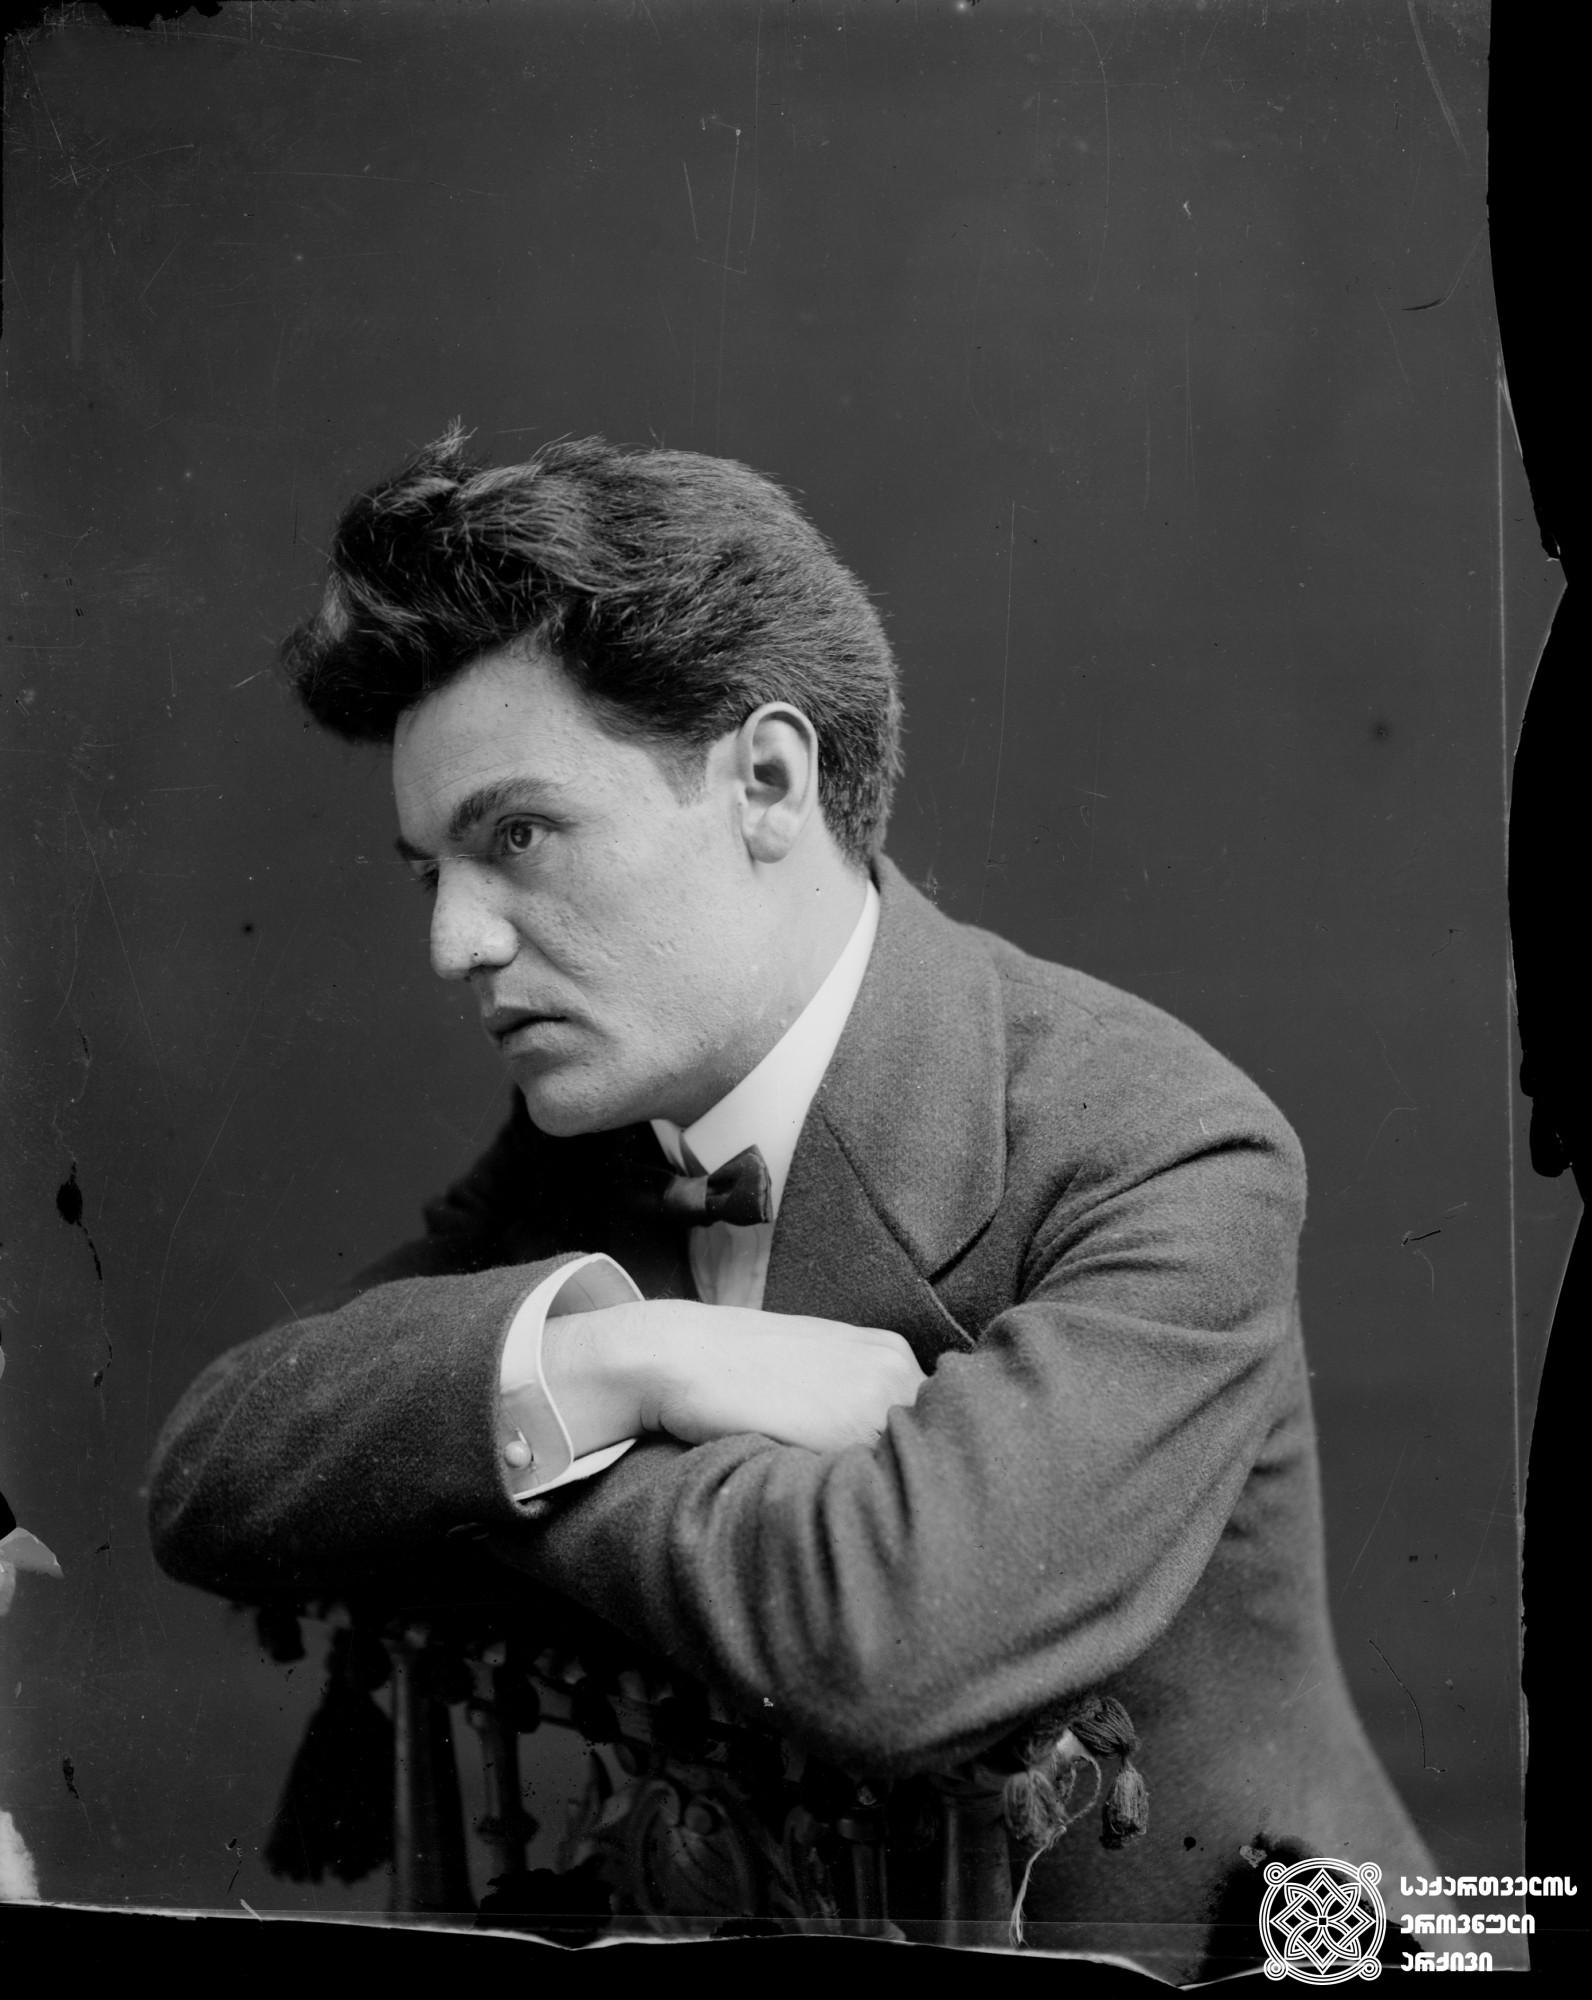 მსახიობი ნიკო (ნიკოლოზ) გვარაძე (1883-1960). <br> მინის ნეგატივი 10X13. <br> Actor Niko (Nikoloz) Gvaradze (1883-1960). <br> Glass negative 10X13.